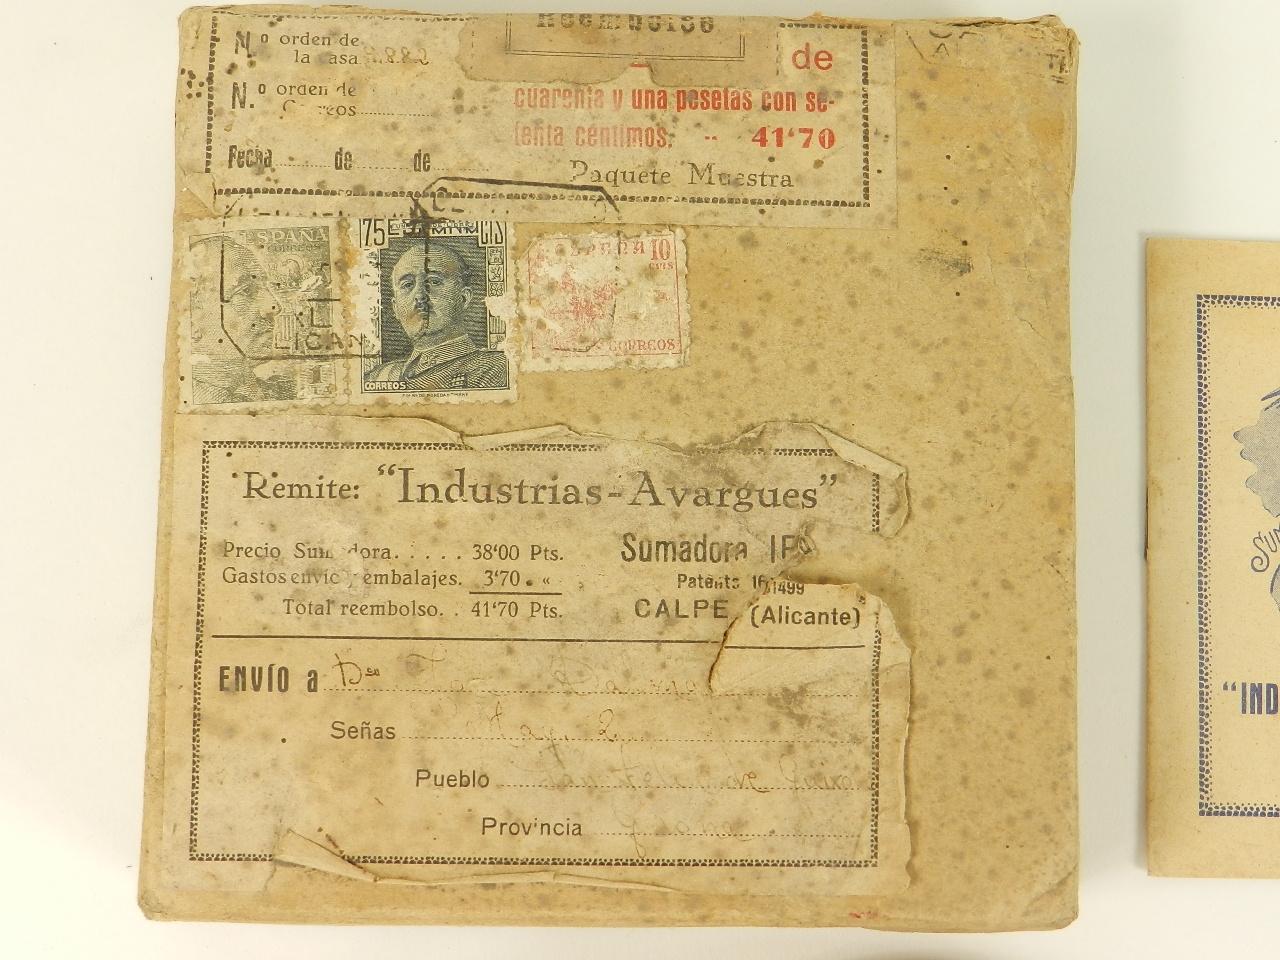 Imagen SUMADORA IFACH  AÑO 1943 27919